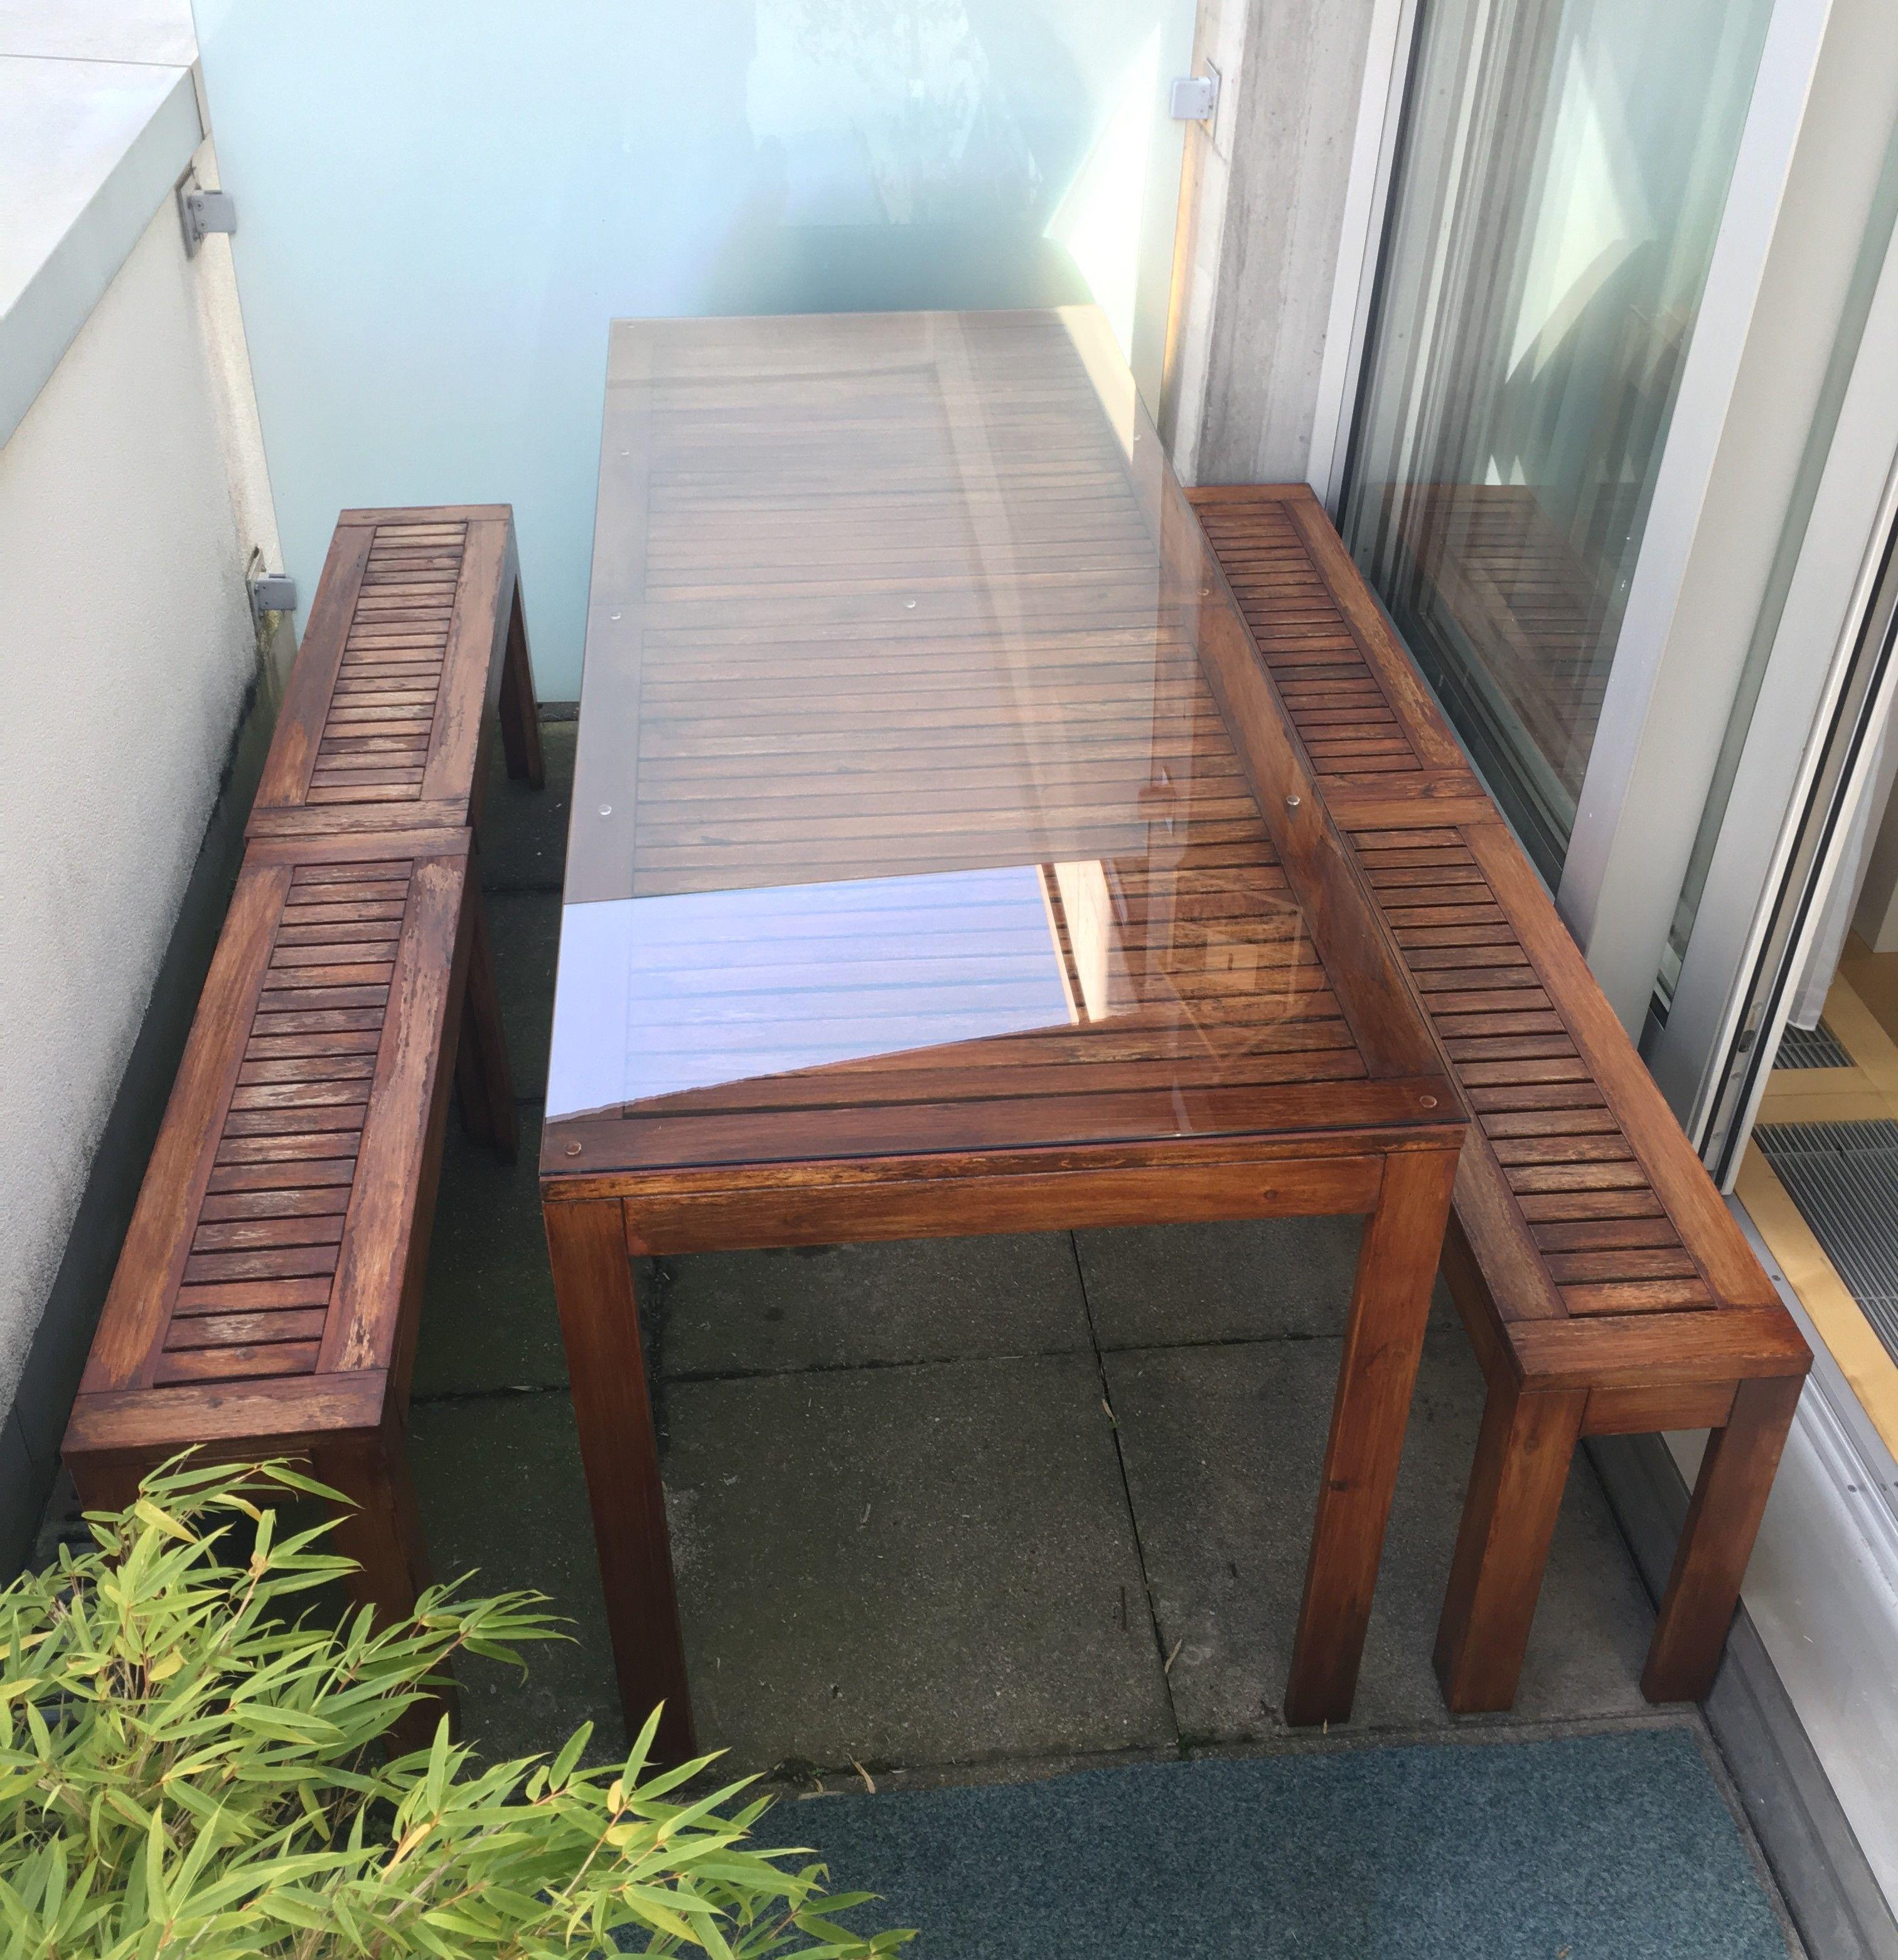 Alte Gartenmöbel in neuem Glanz! | Garten und Balkon | Pinterest